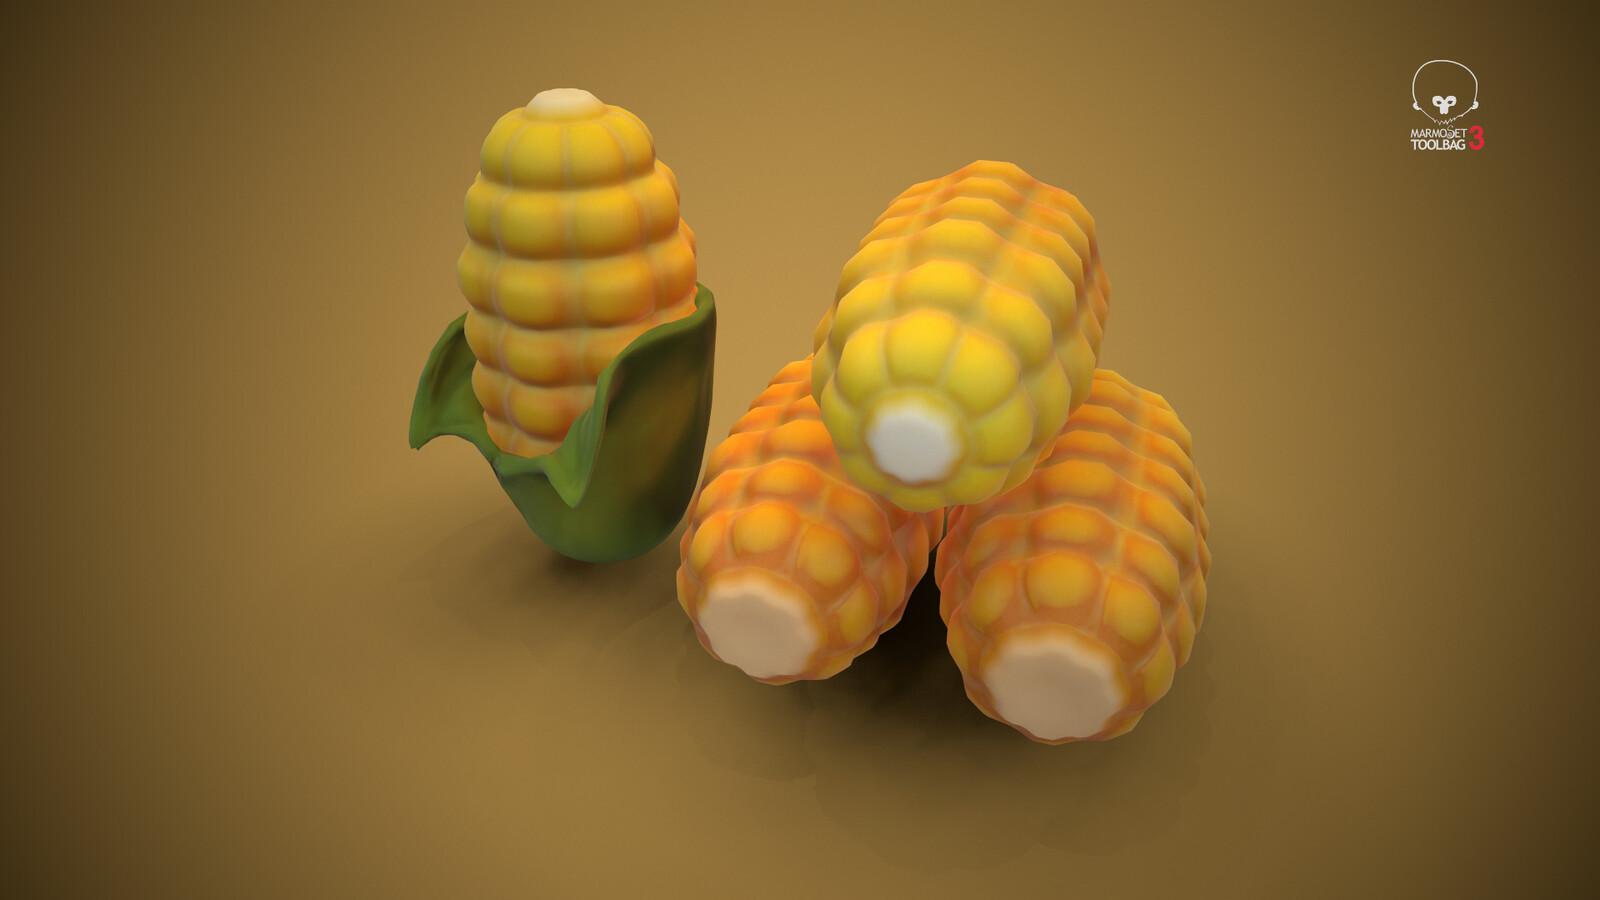 Stylized Corn